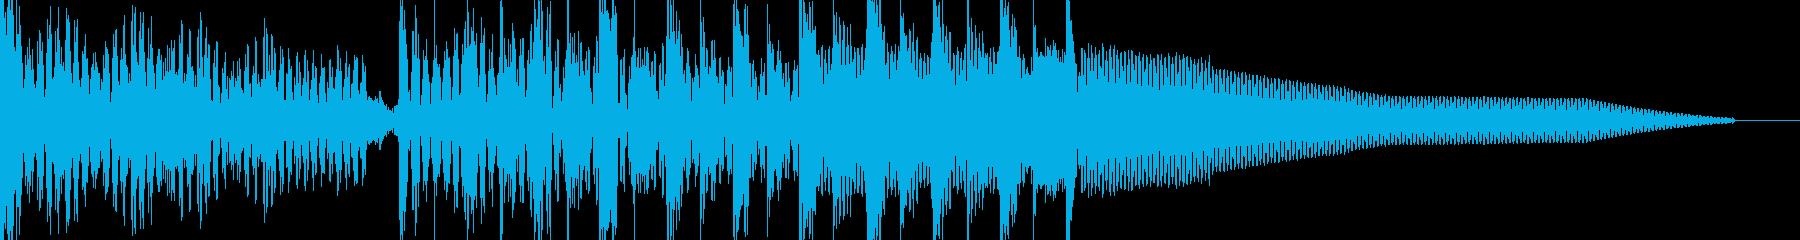 電気研究所こんにちはtech-te...の再生済みの波形